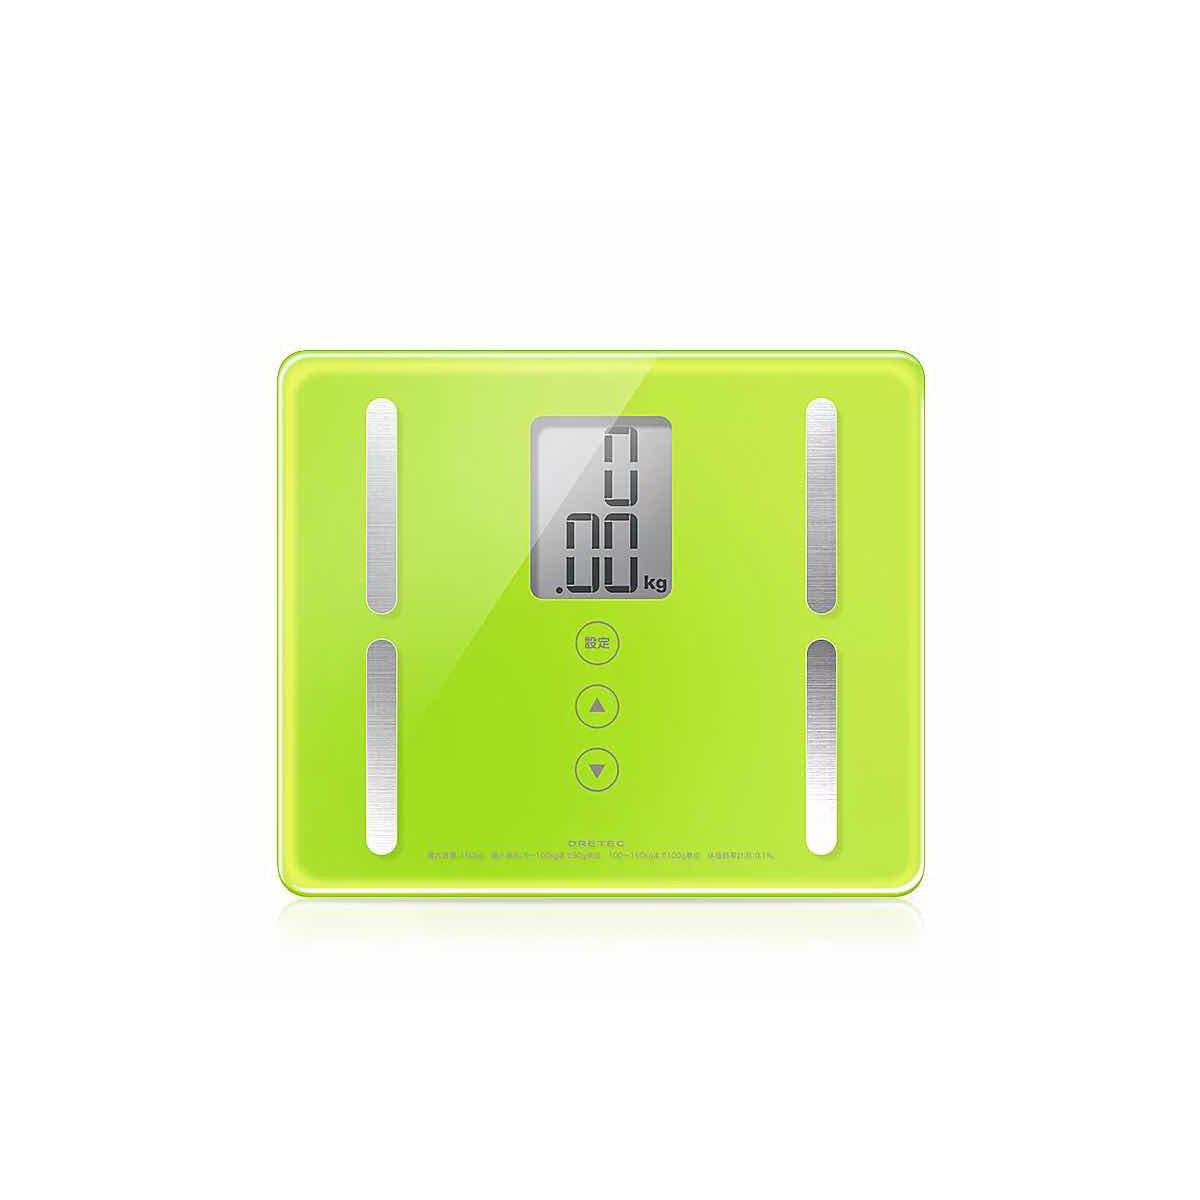 dretec 日本进口人体体脂减肥称家用成人称脂肪秤小易收纳人体数据测量